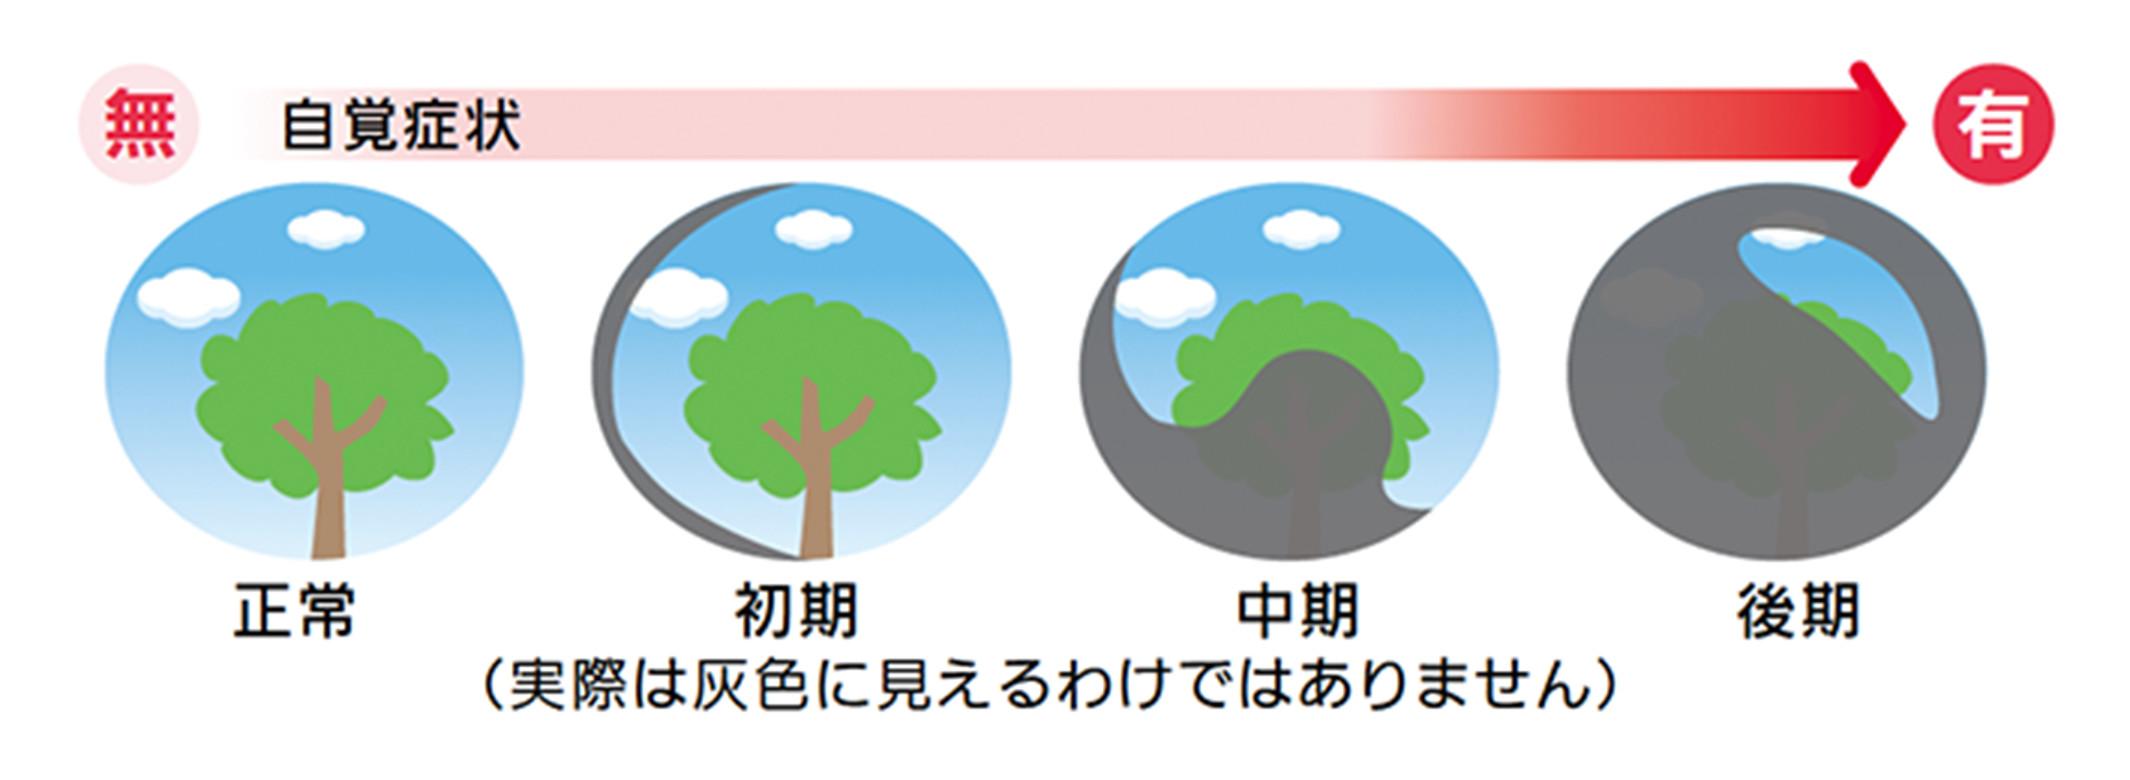 図1 視野の欠け方イメージ